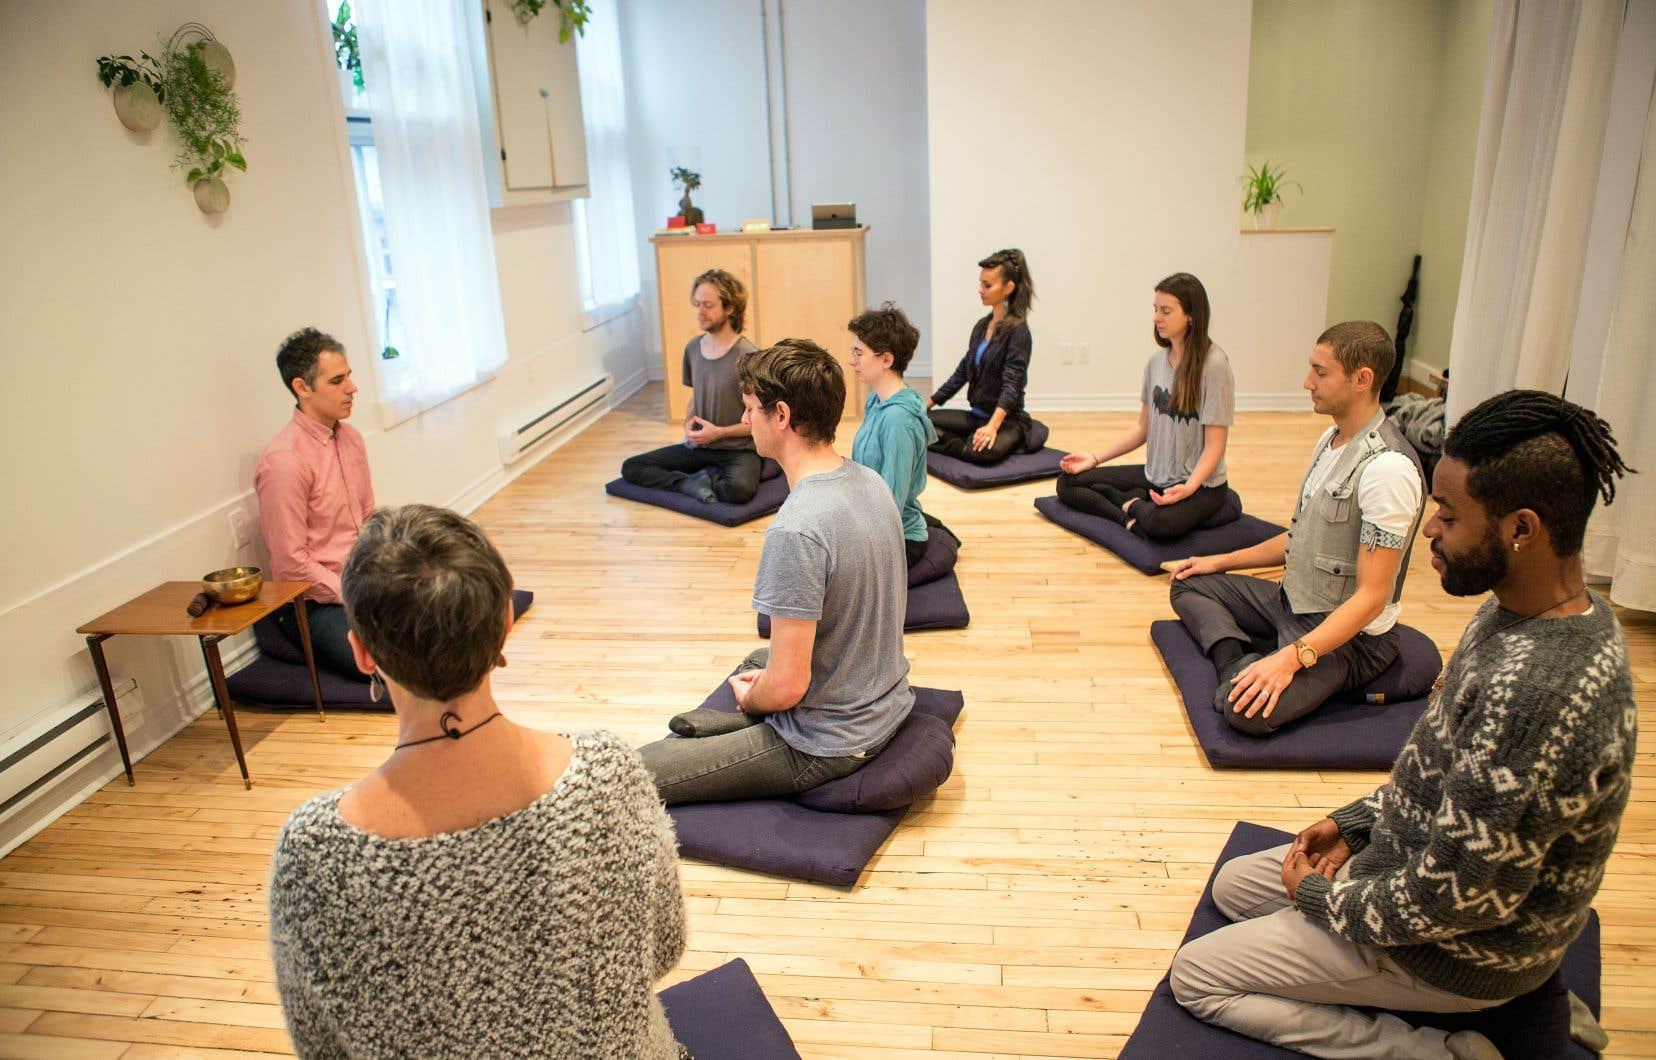 Presence Meditation, un studio situé dans le Mile End à Montréal, offre, avec réservation ou non, des séances de méditation guidées ou en silence, selon différentes approches.